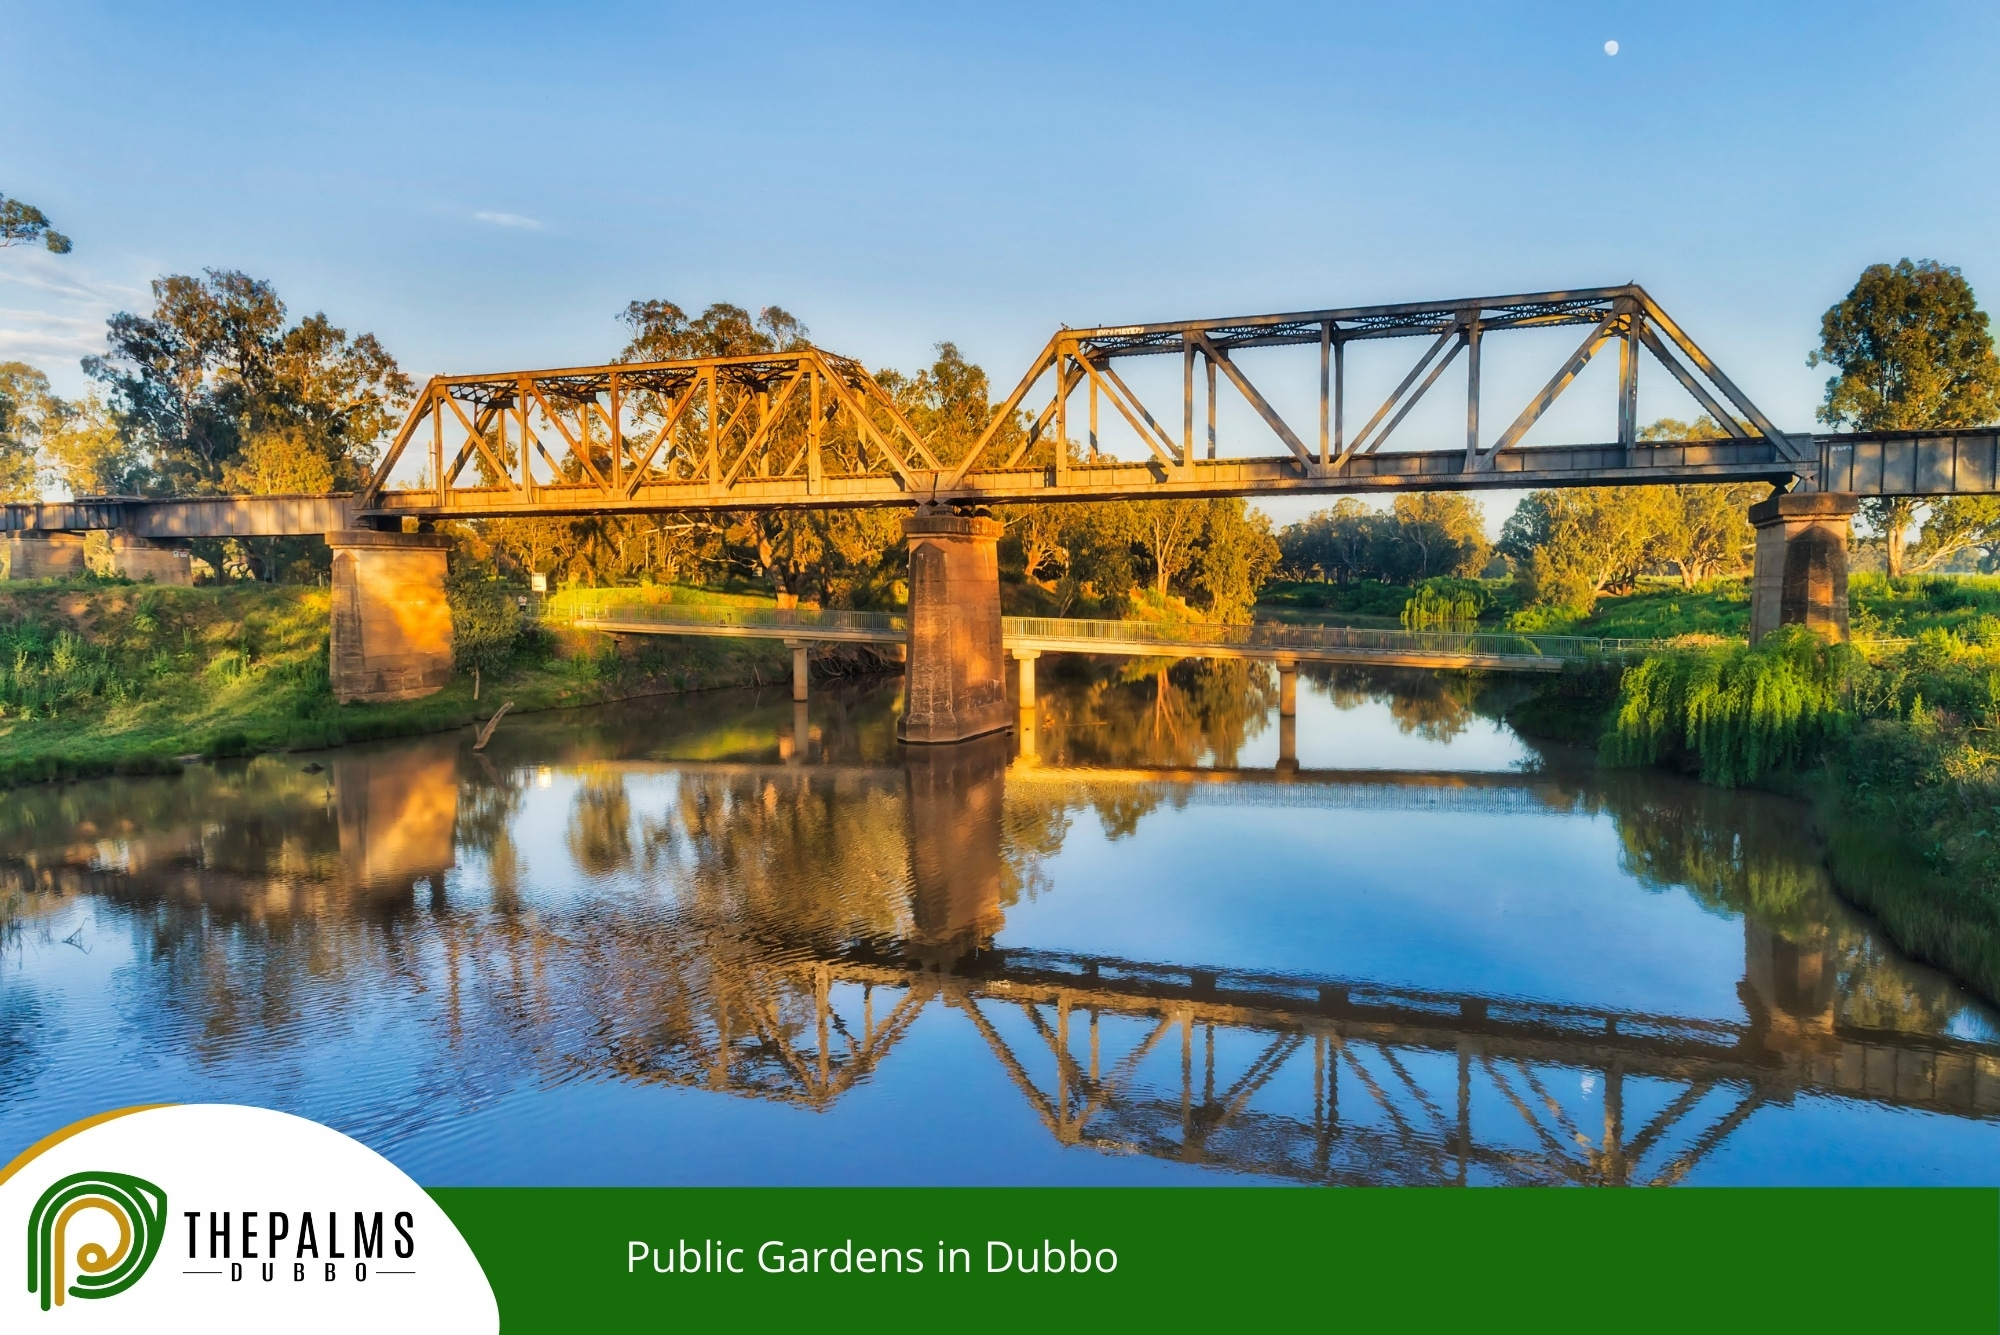 Public Gardens in Dubbo